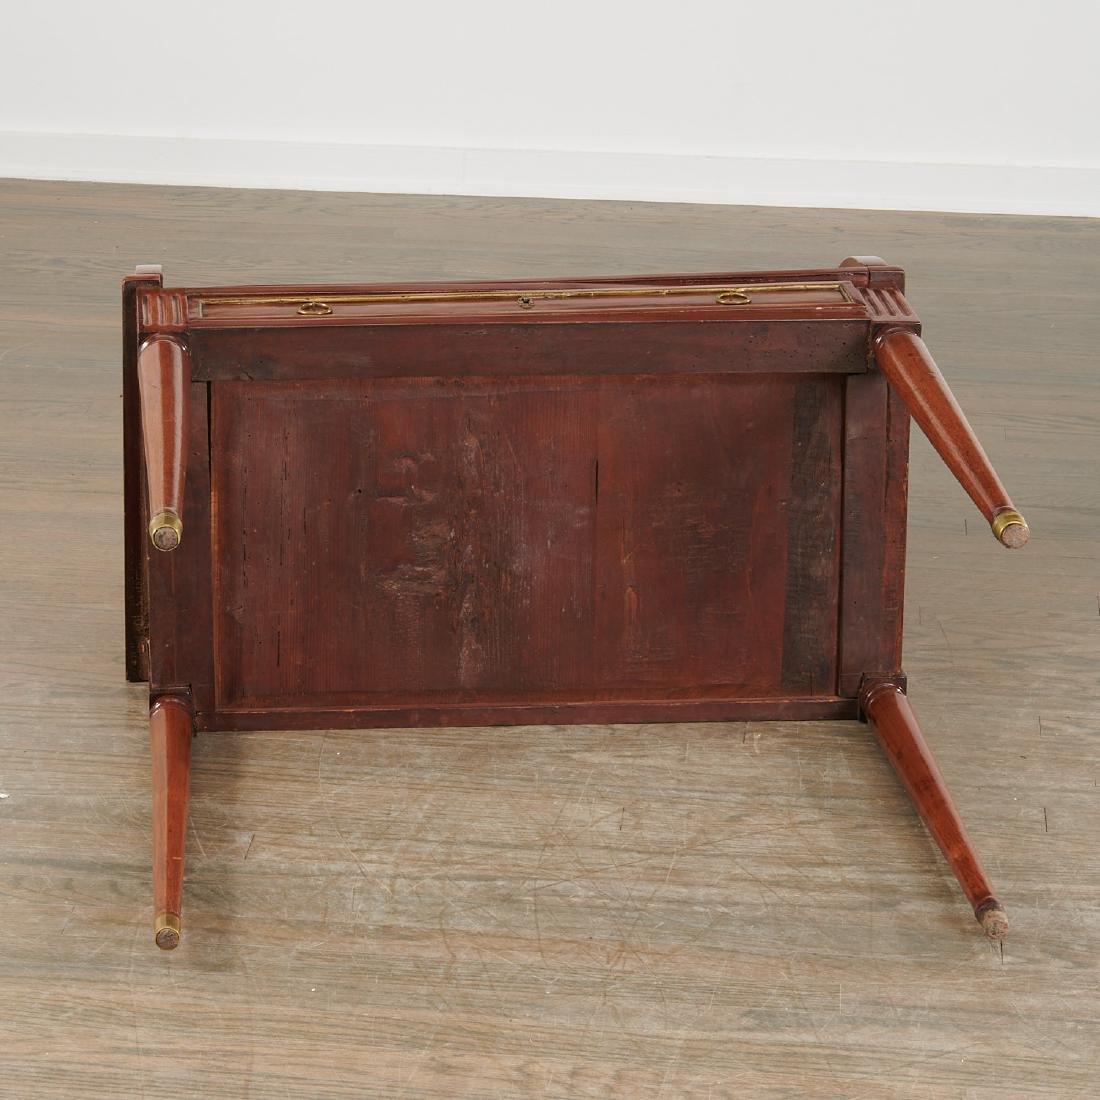 Louis XVI style bureau de cylindre - 7